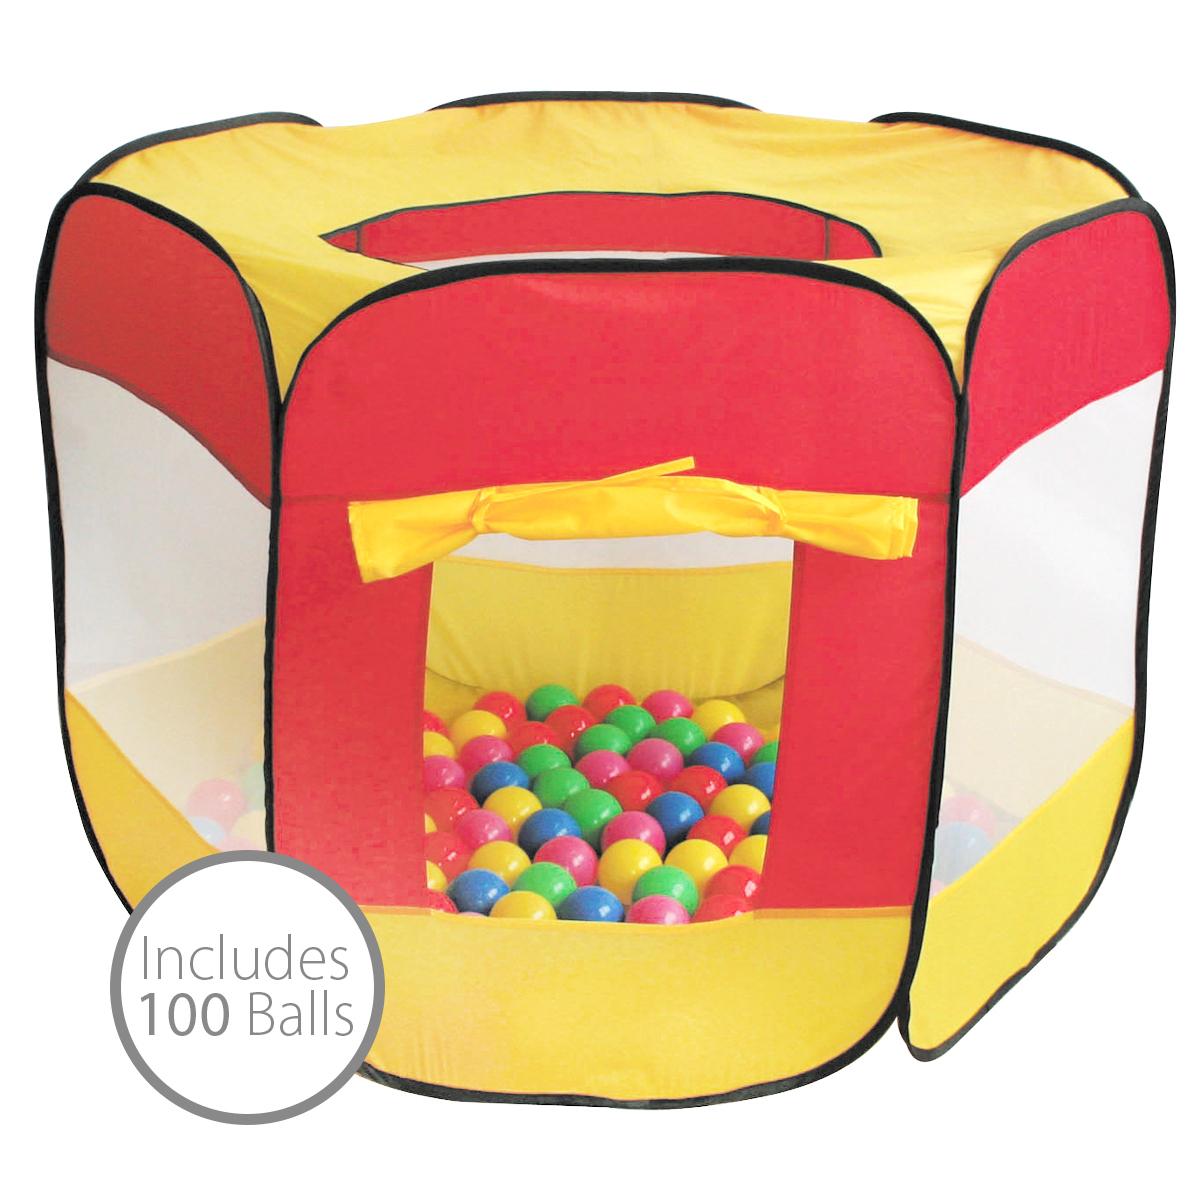 Détails Sur Piscine À Boules Pour Enfants - Intérieur/extérieur - 100  Boules - Multicolore à Piscine A Balle Gifi